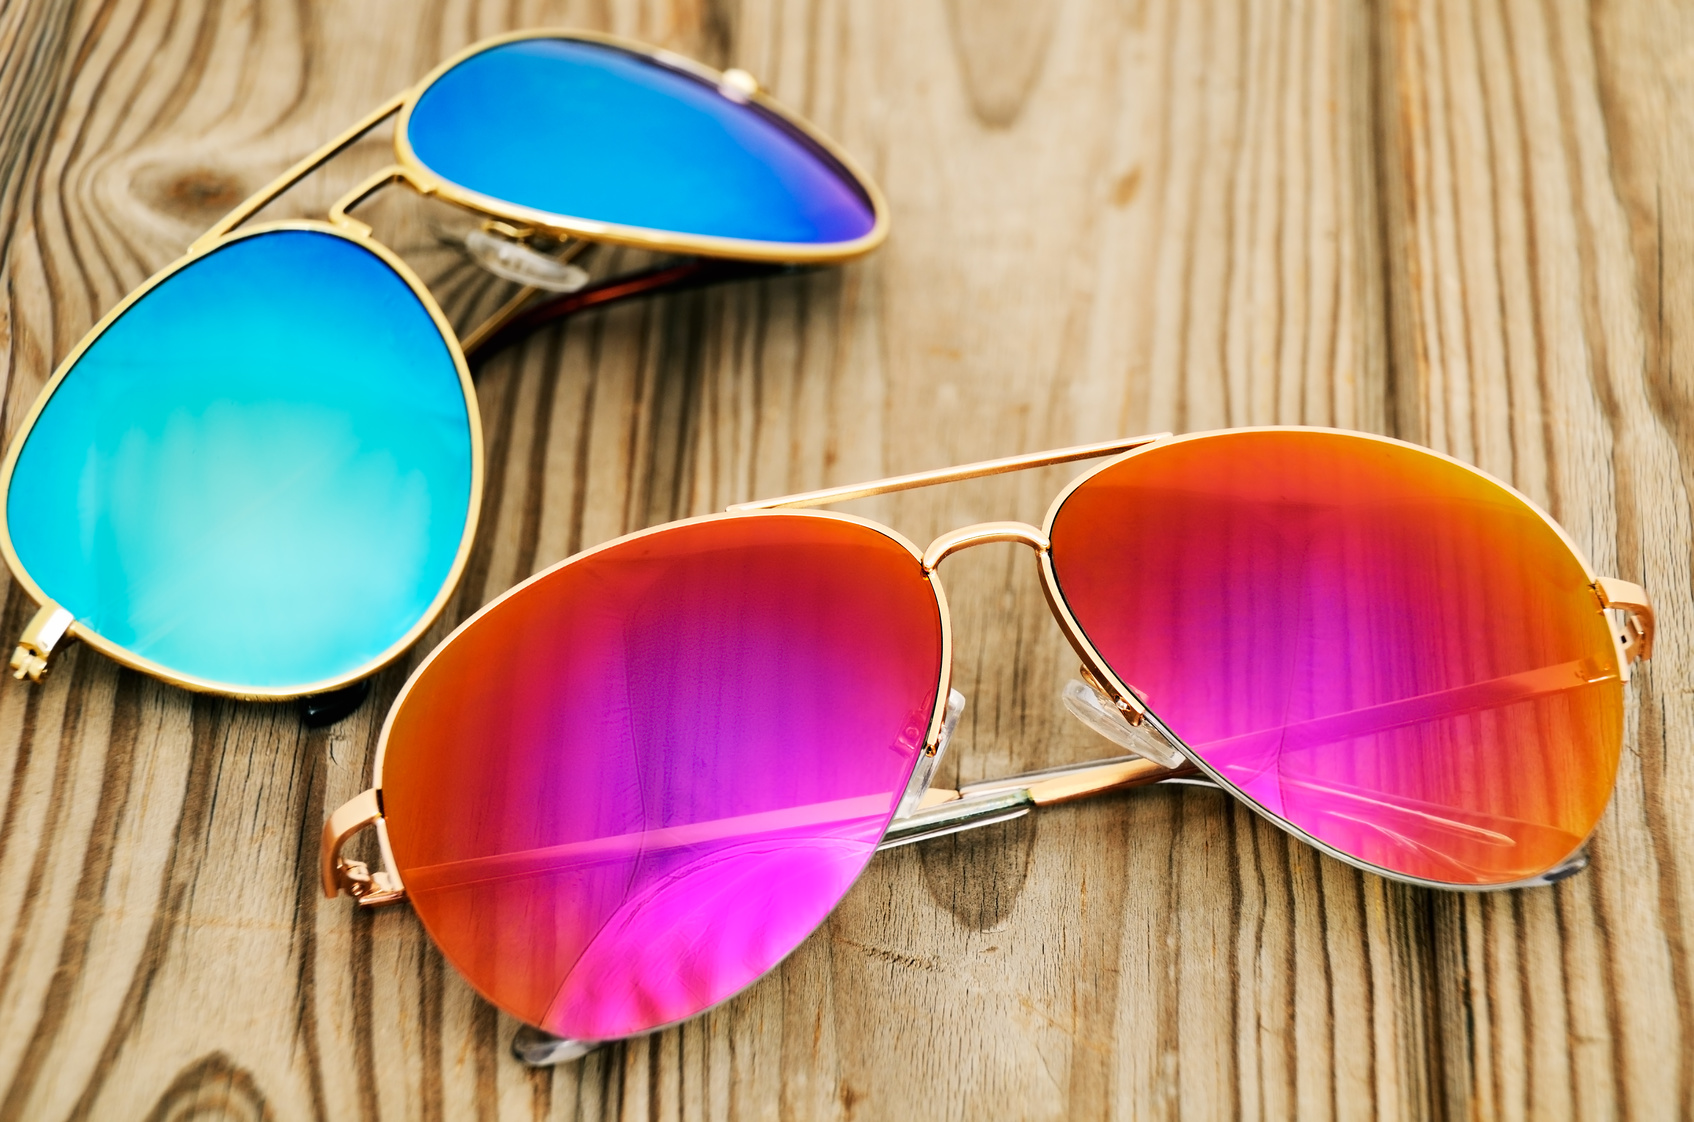 Hinzufügen Glamour in Ihr Aussehen mit den Designer-Sonnenbrillen.